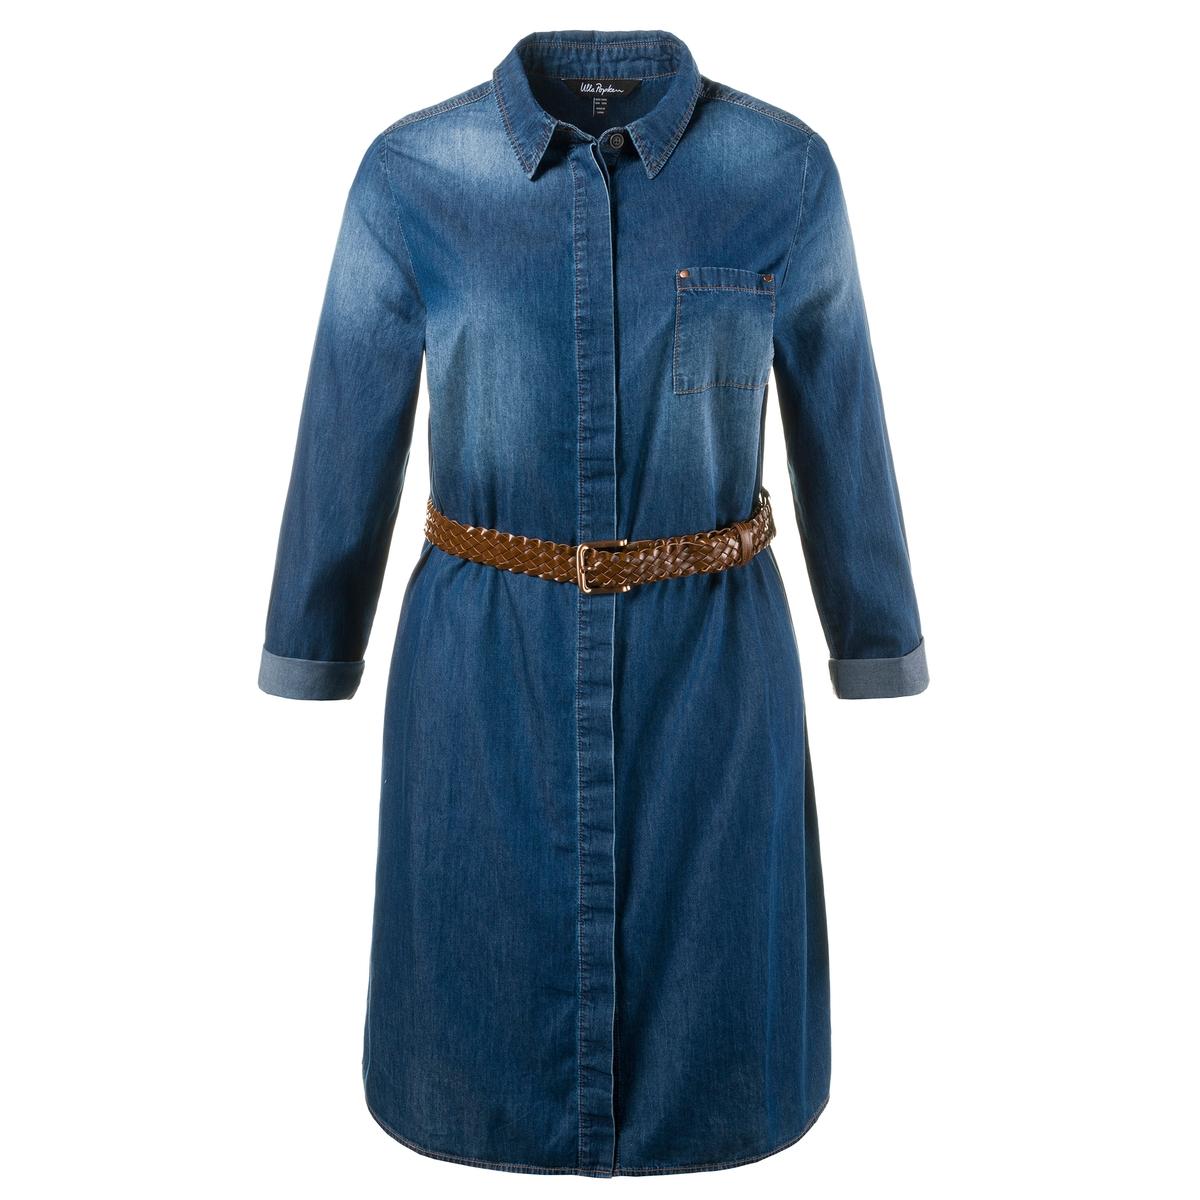 Платье из денимаОчень мягкое платье из денима. Красивый линялый эффект и плетеный пояс на завязках. Традиционный рубашечный воротник, скрытая планка застёжки на пуговицы, нагрудный карман и длинные, закатывающиеся до размера 3/4, рукава. Длина ок. 100 см, начиная с размера 52/54 ок. 104 см<br><br>Цвет: синий джинсовый<br>Размер: 48/50 (FR) - 54/56 (RUS)